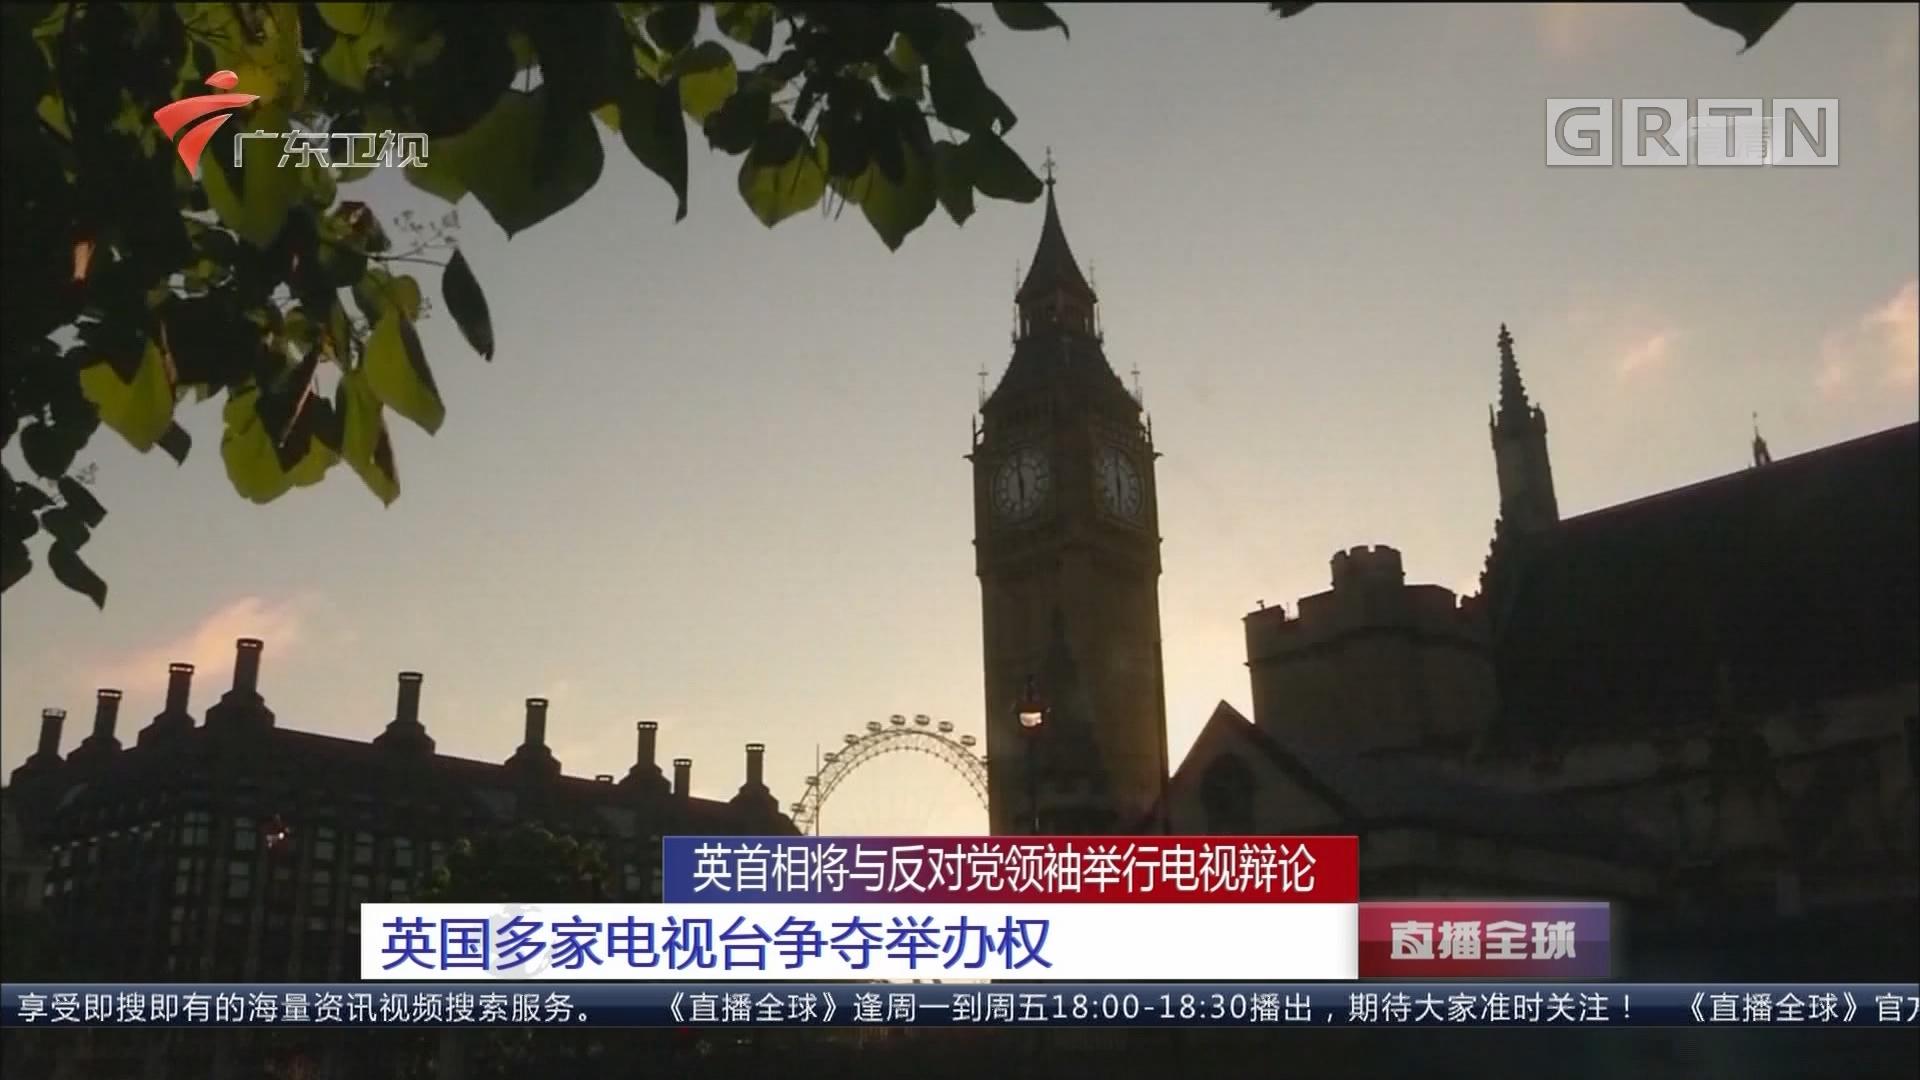 英首相将与反对党领袖举行电视辩论 英国多家电视台争夺举办权